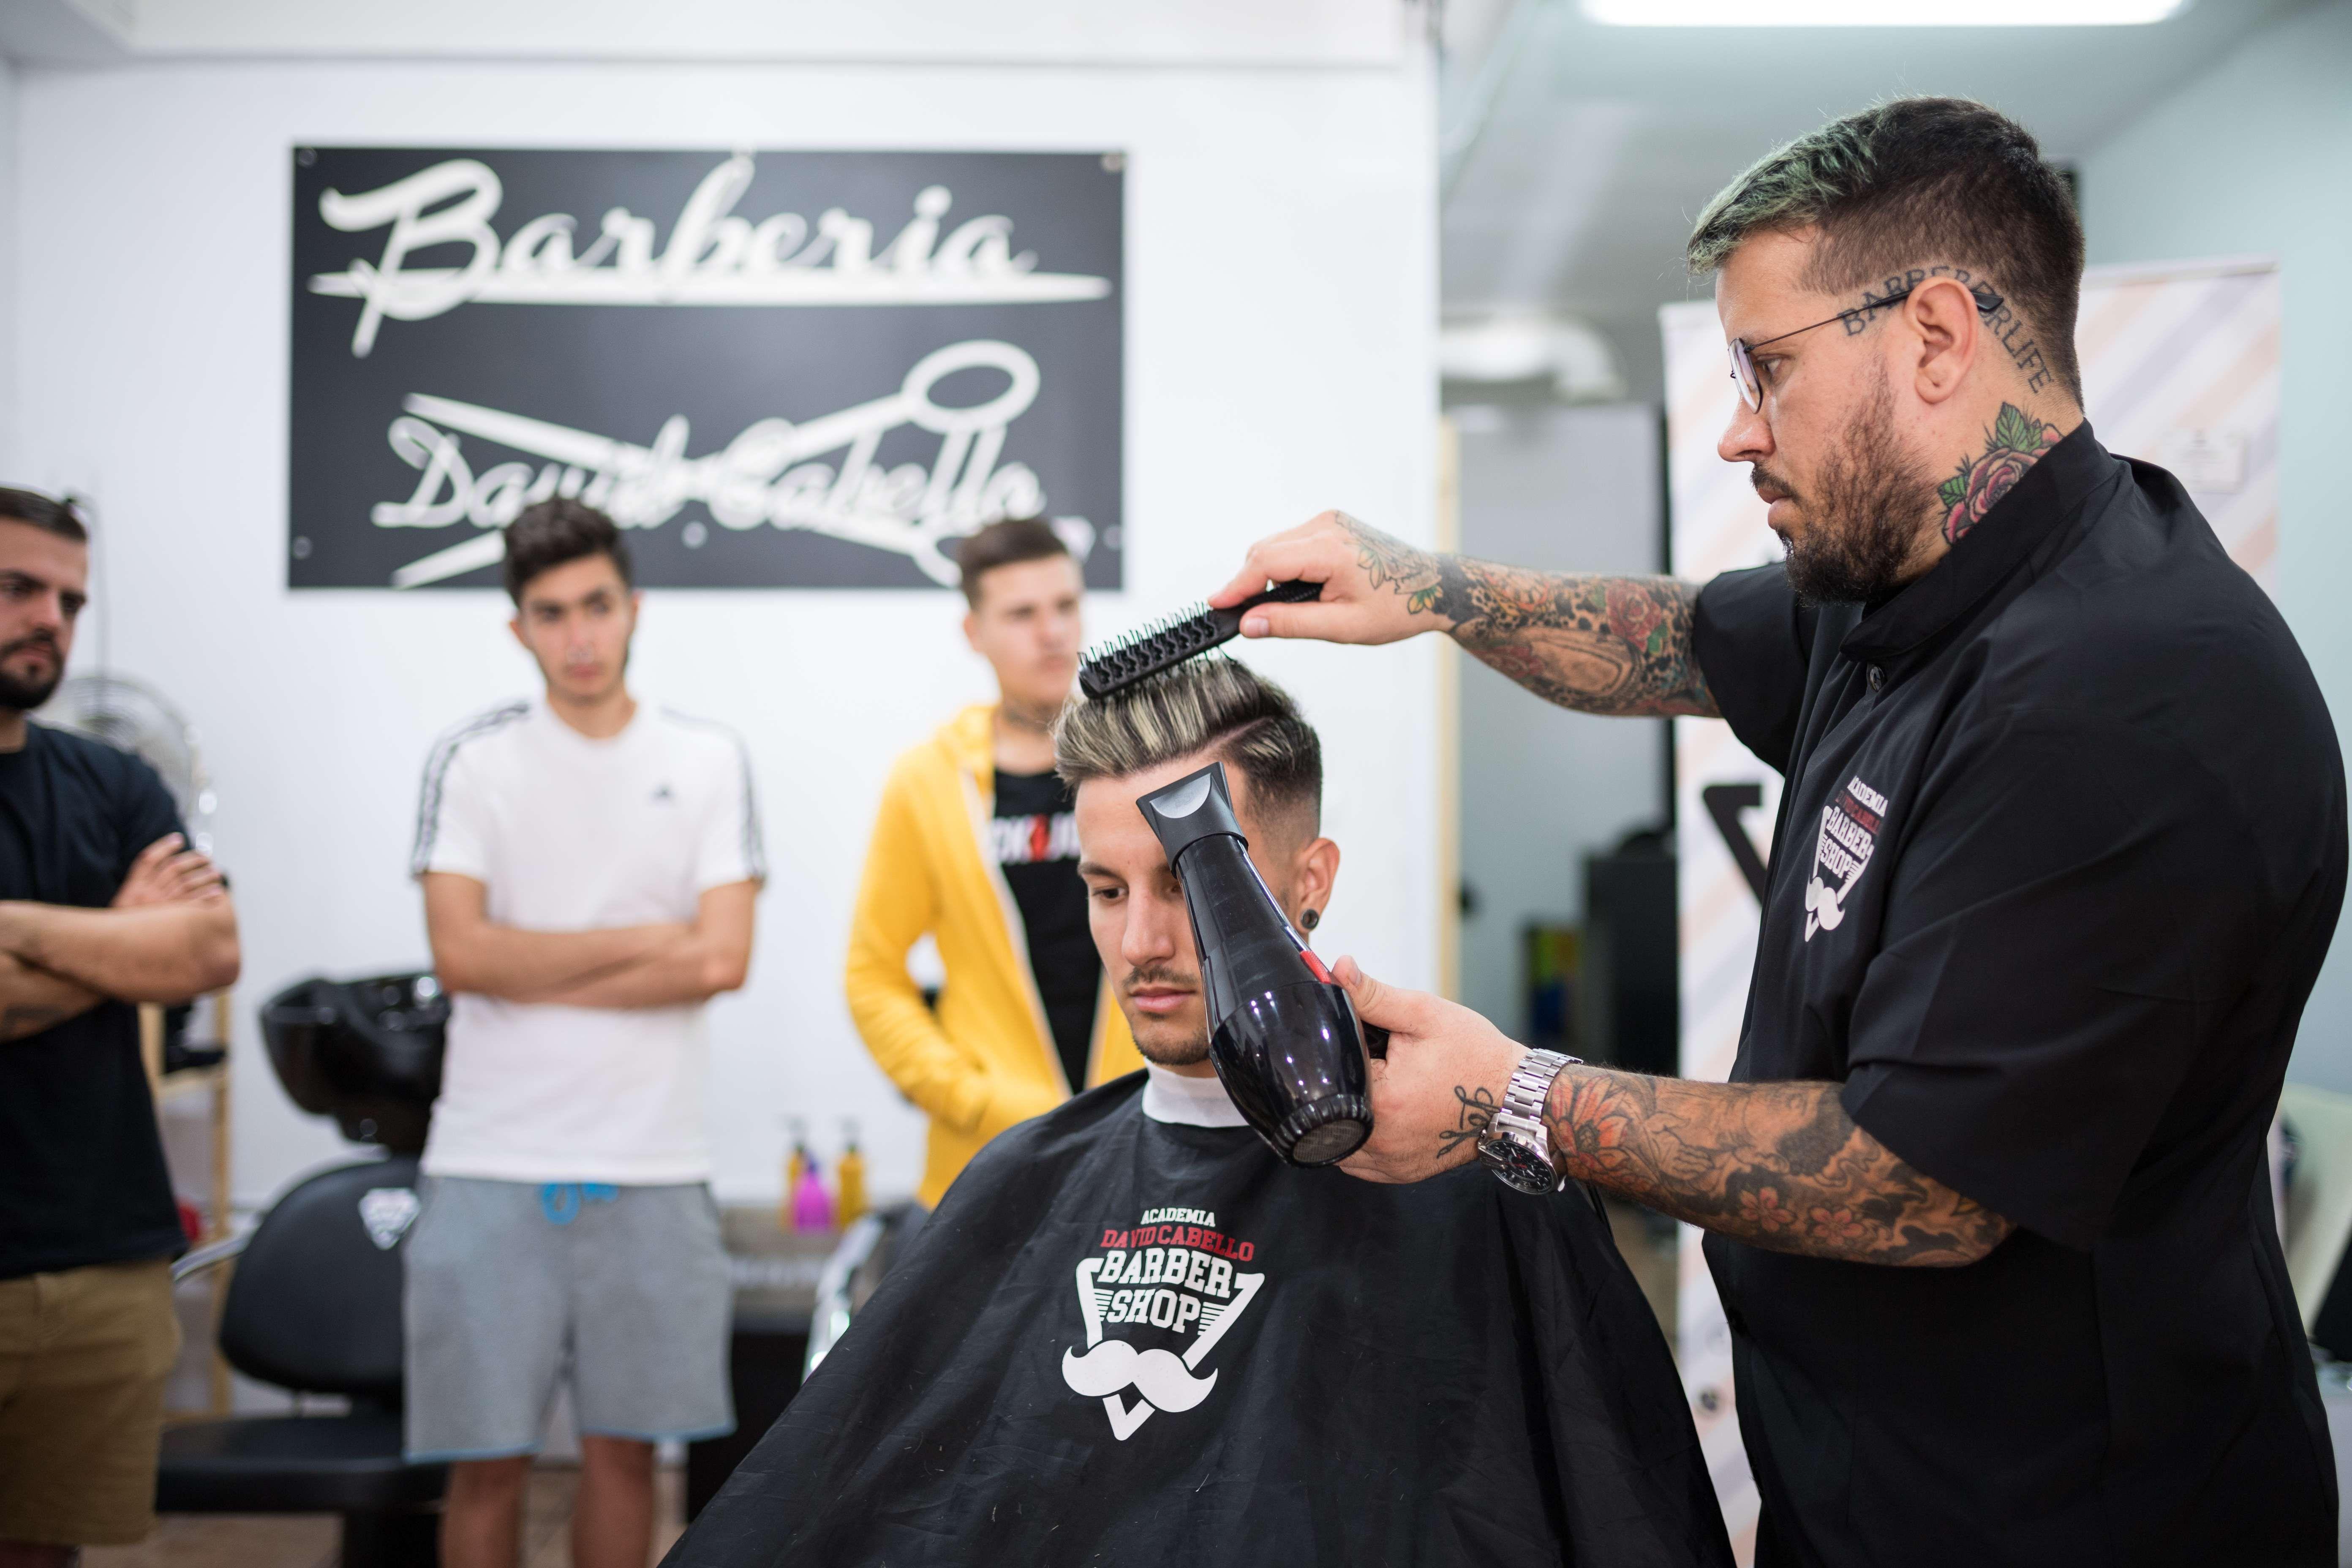 Foto 21 de Academia de peluquería y barbería en Las palmas | Academia de Barbería David Cabello